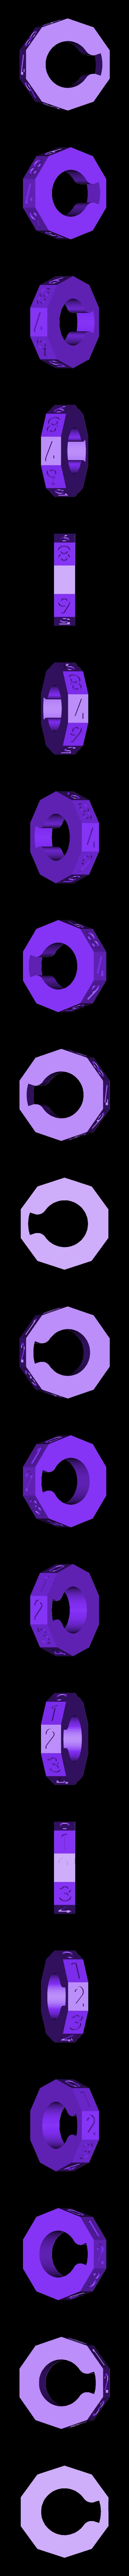 Wheel2.stl Télécharger fichier STL gratuit Kit de verrouillage de permutation personnalisable (verrouillage à combinaison) • Objet pour impression 3D, plasticpasta